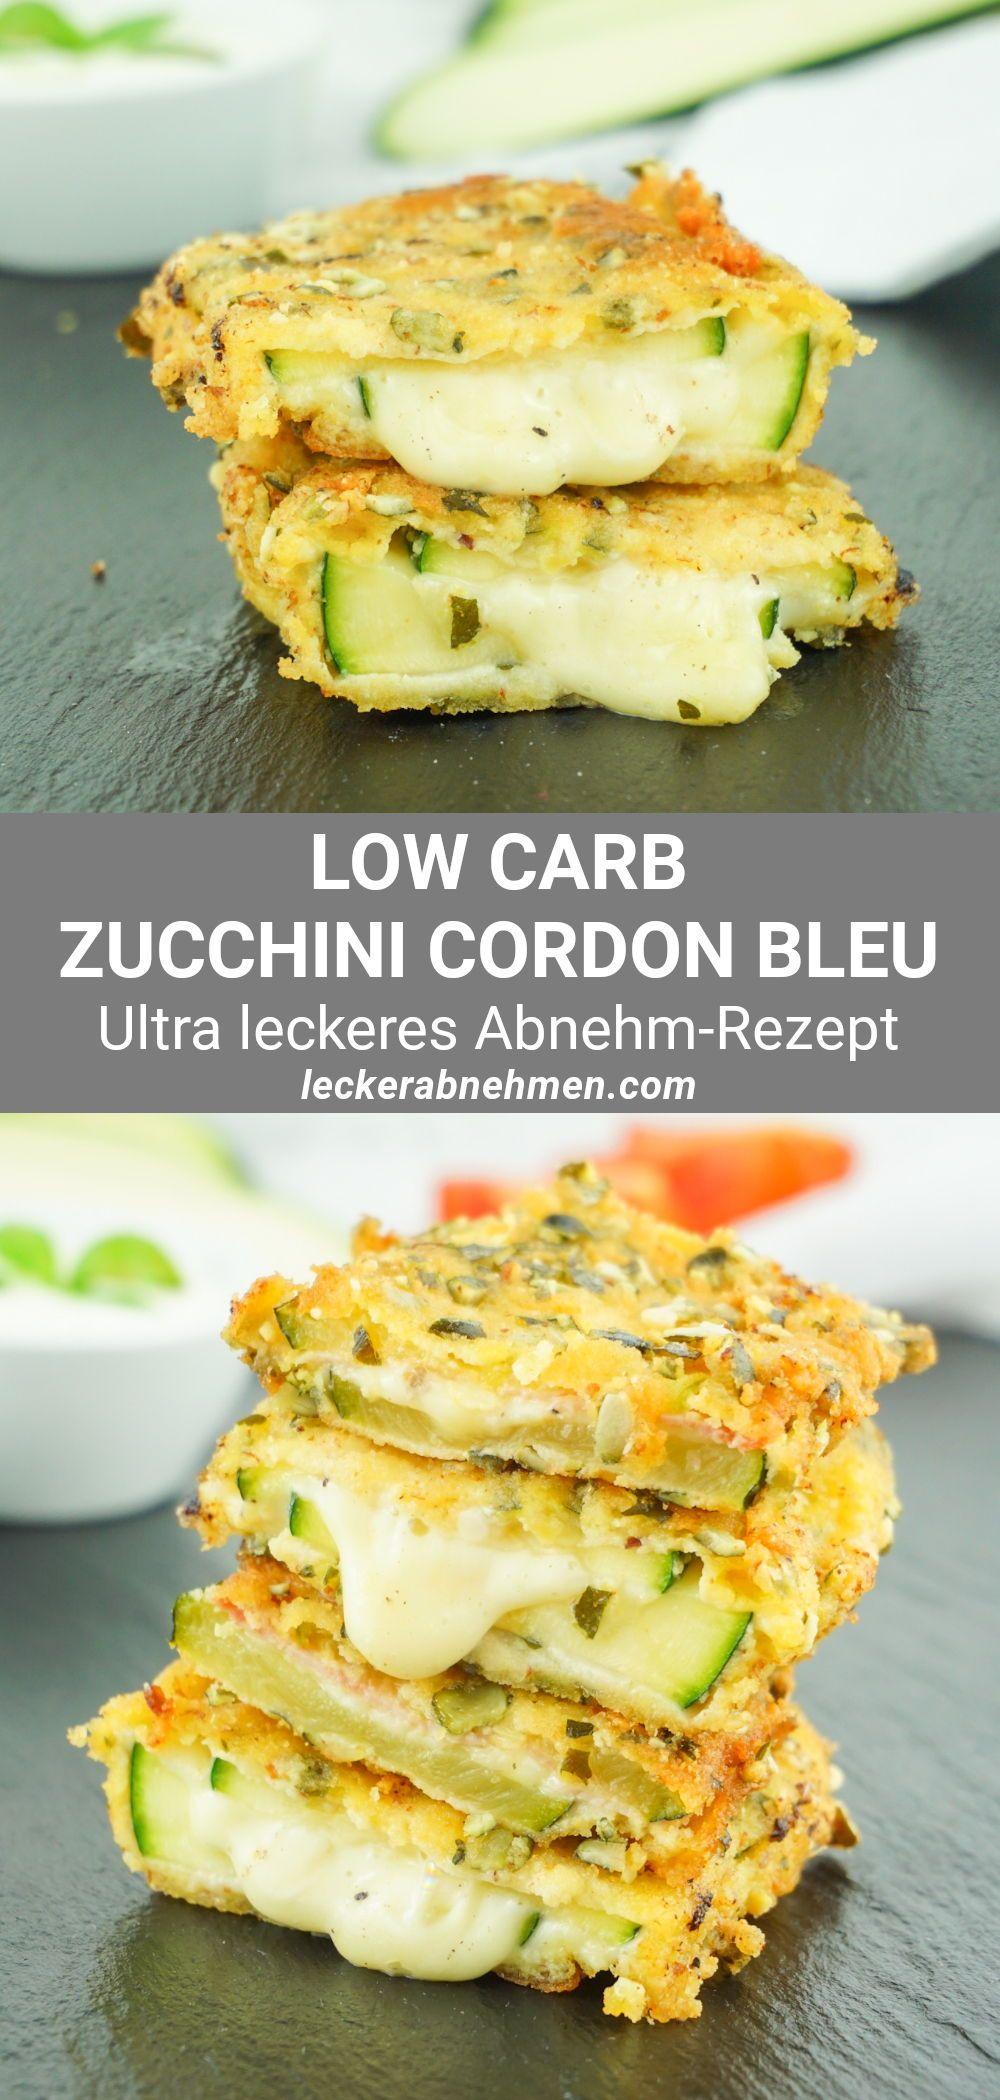 Photo of Zucchini Cordon Bleu – Vegetarisches oder klassisches Low Carb Rezept